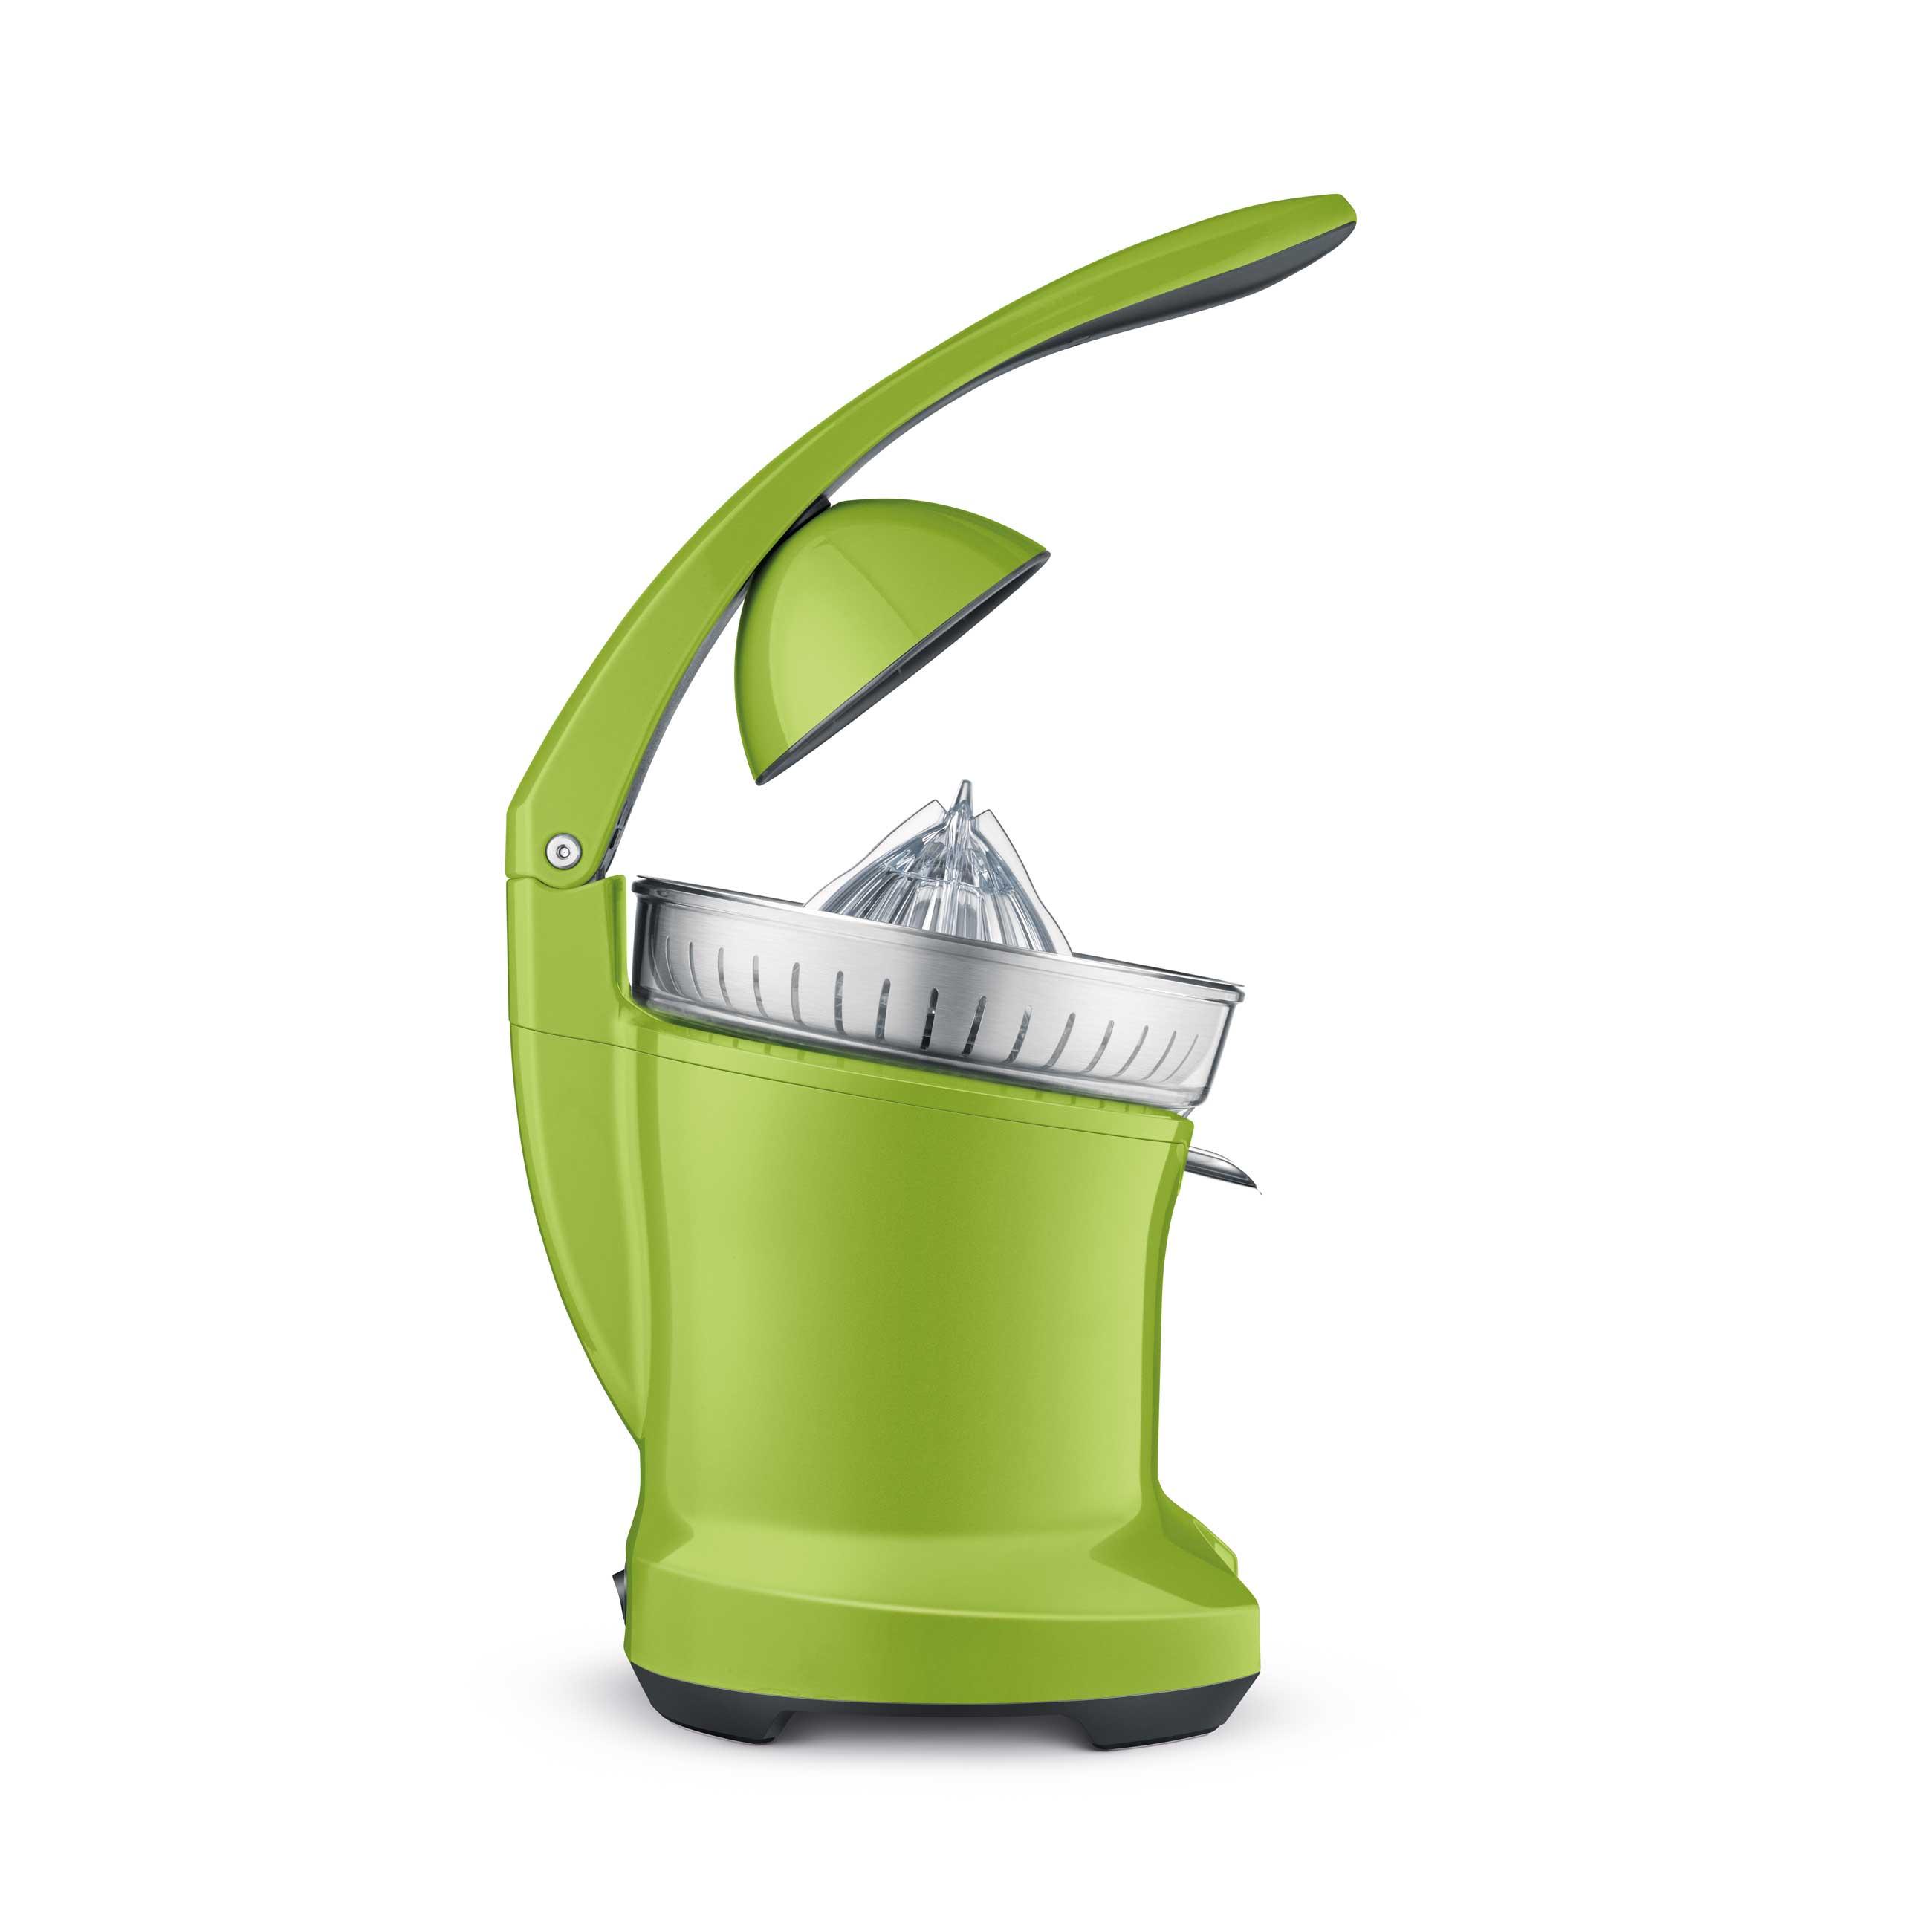 Citrus juicer - a useful technique 38